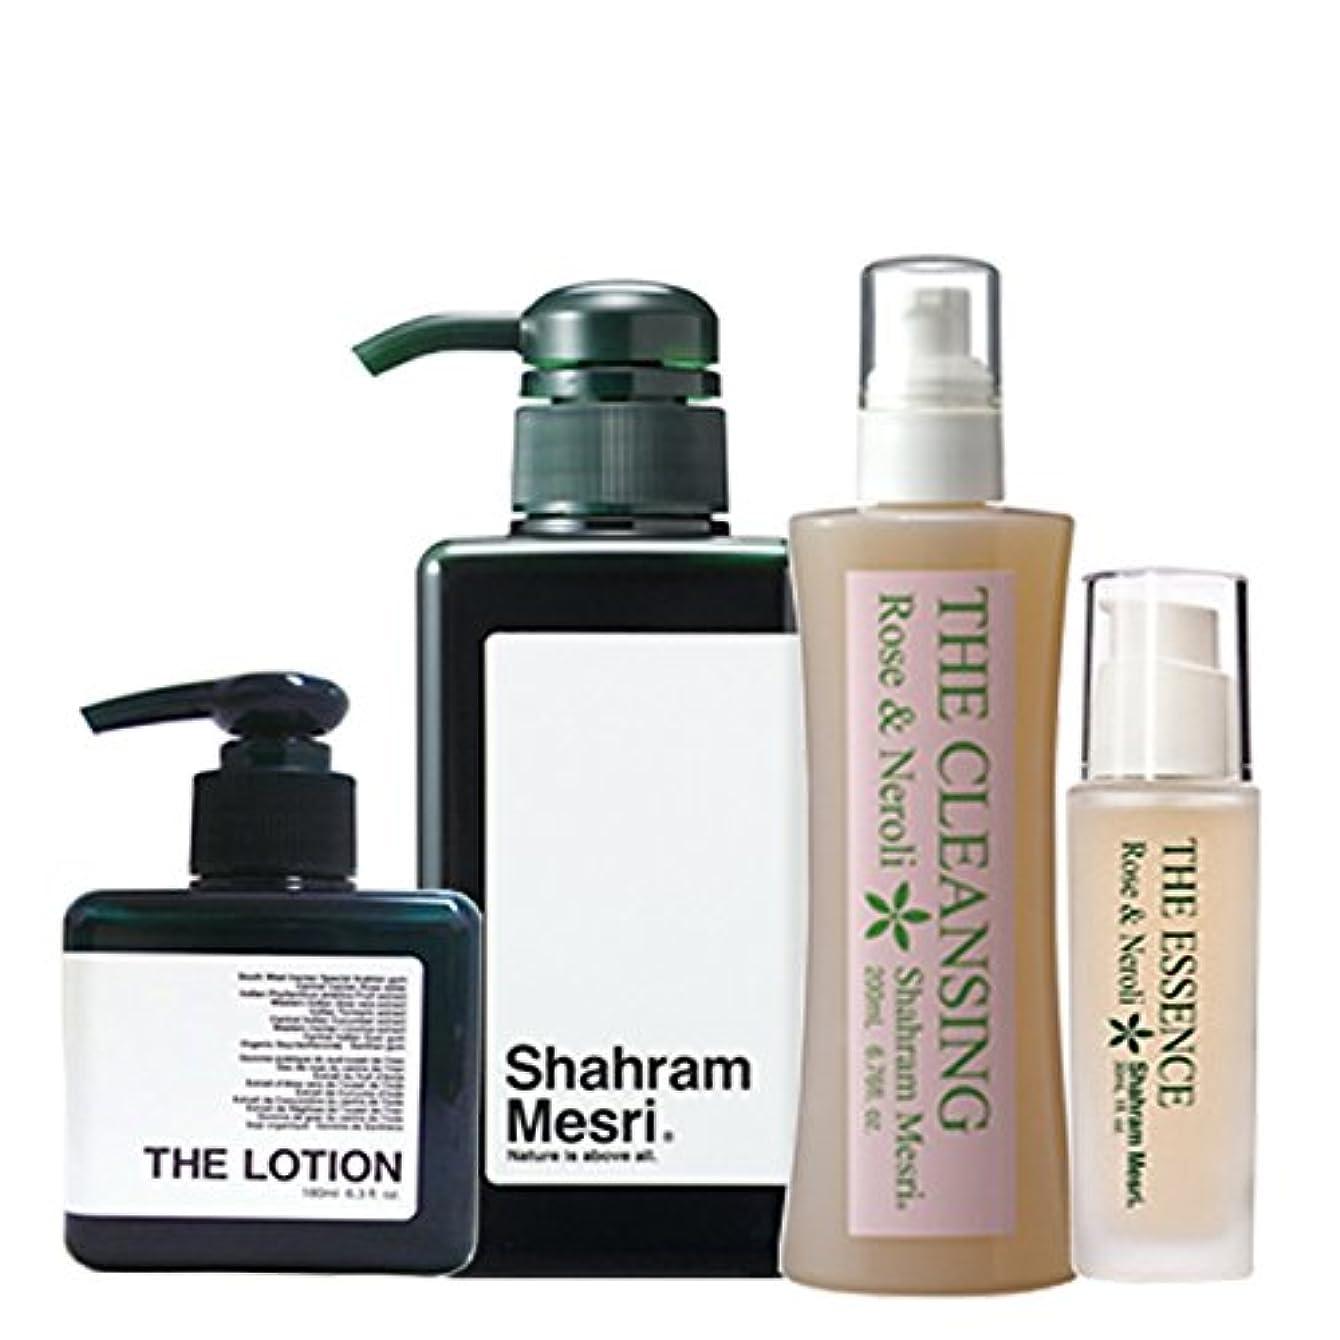 迷彩アスレチック薬用Shahram Mesri パーフェクトセット シャハランメスリ ザ?シャンプー ザ?ローション ザ?クレンジング ザ?エッセンス のセットです。 お化粧落としからシャンプーそしてローションエッセンスの仕上げまで お試しください。